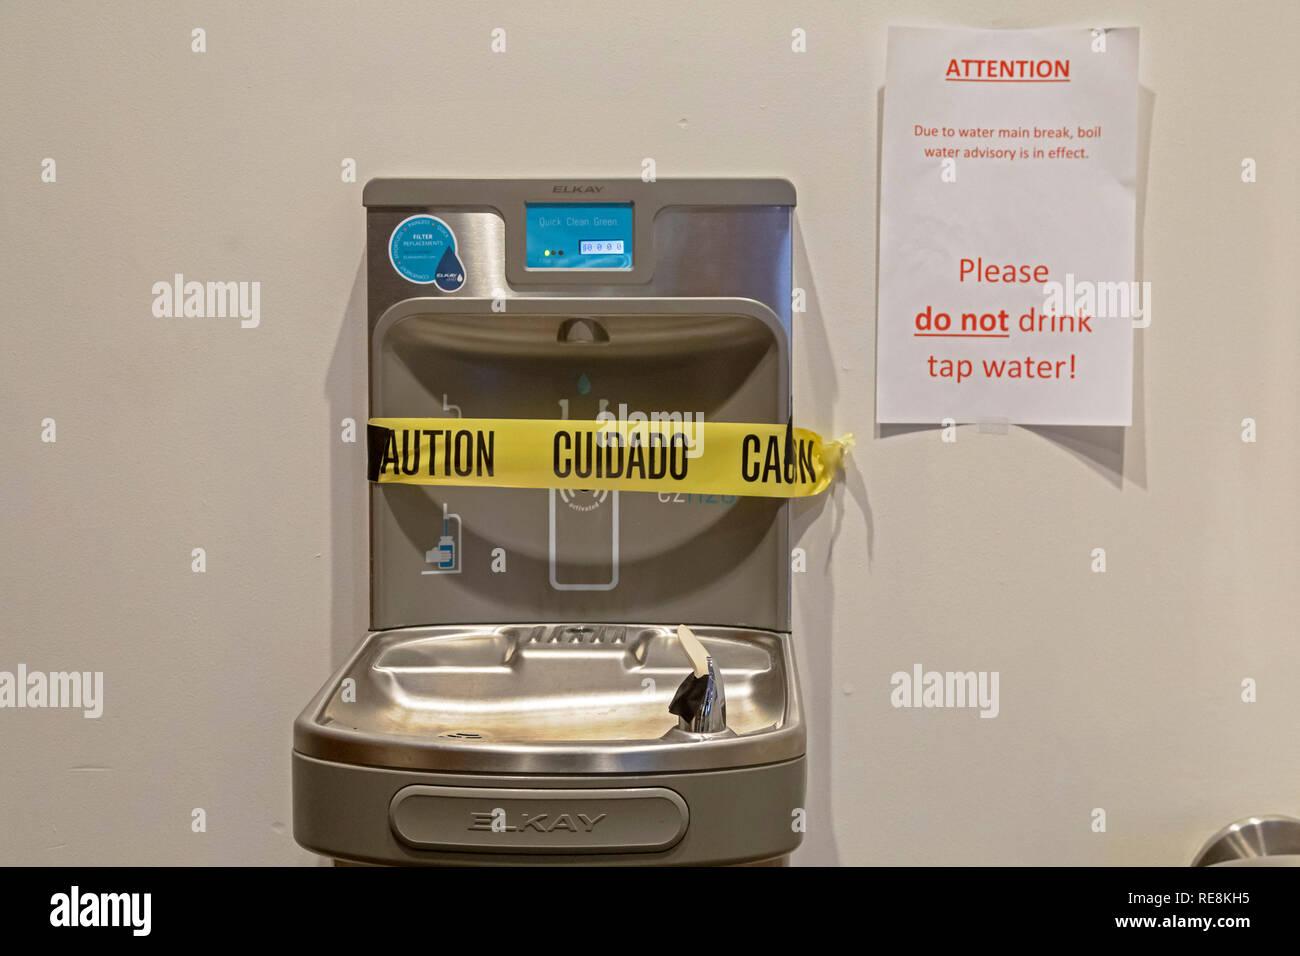 Detroit, Michigan - Città funzionari residenti ha esortato a non bere acqua di rubinetto dopo la scoperta di una rottura di un 42 pollici acqua principali che servono l'area del centro cittadino. Immagini Stock